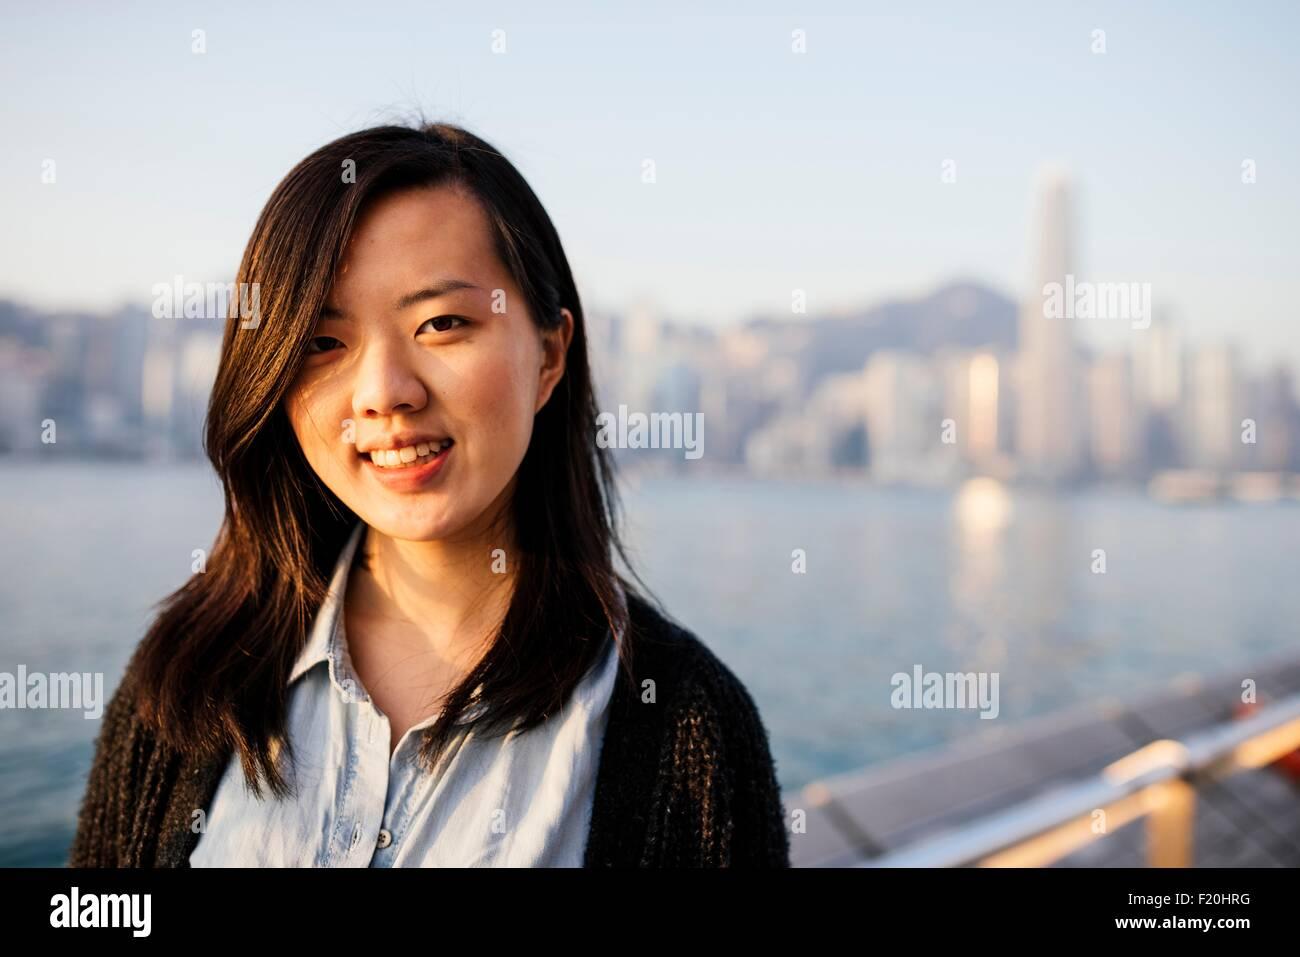 Portrait de jeune femme aux cheveux longs portant chemise et veste en face de l'eau, looking at camera Photo Stock